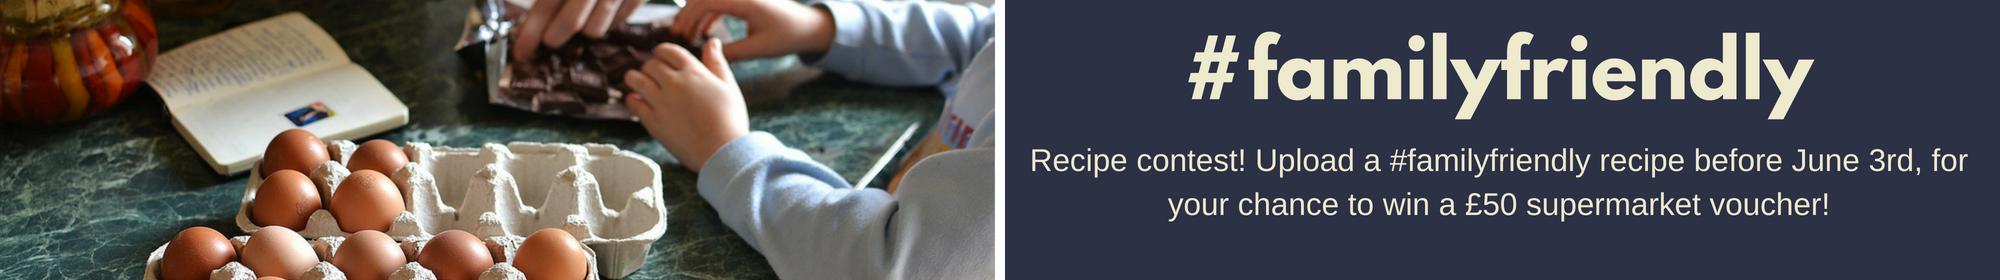 #FamilyFriendly Recipe Contest